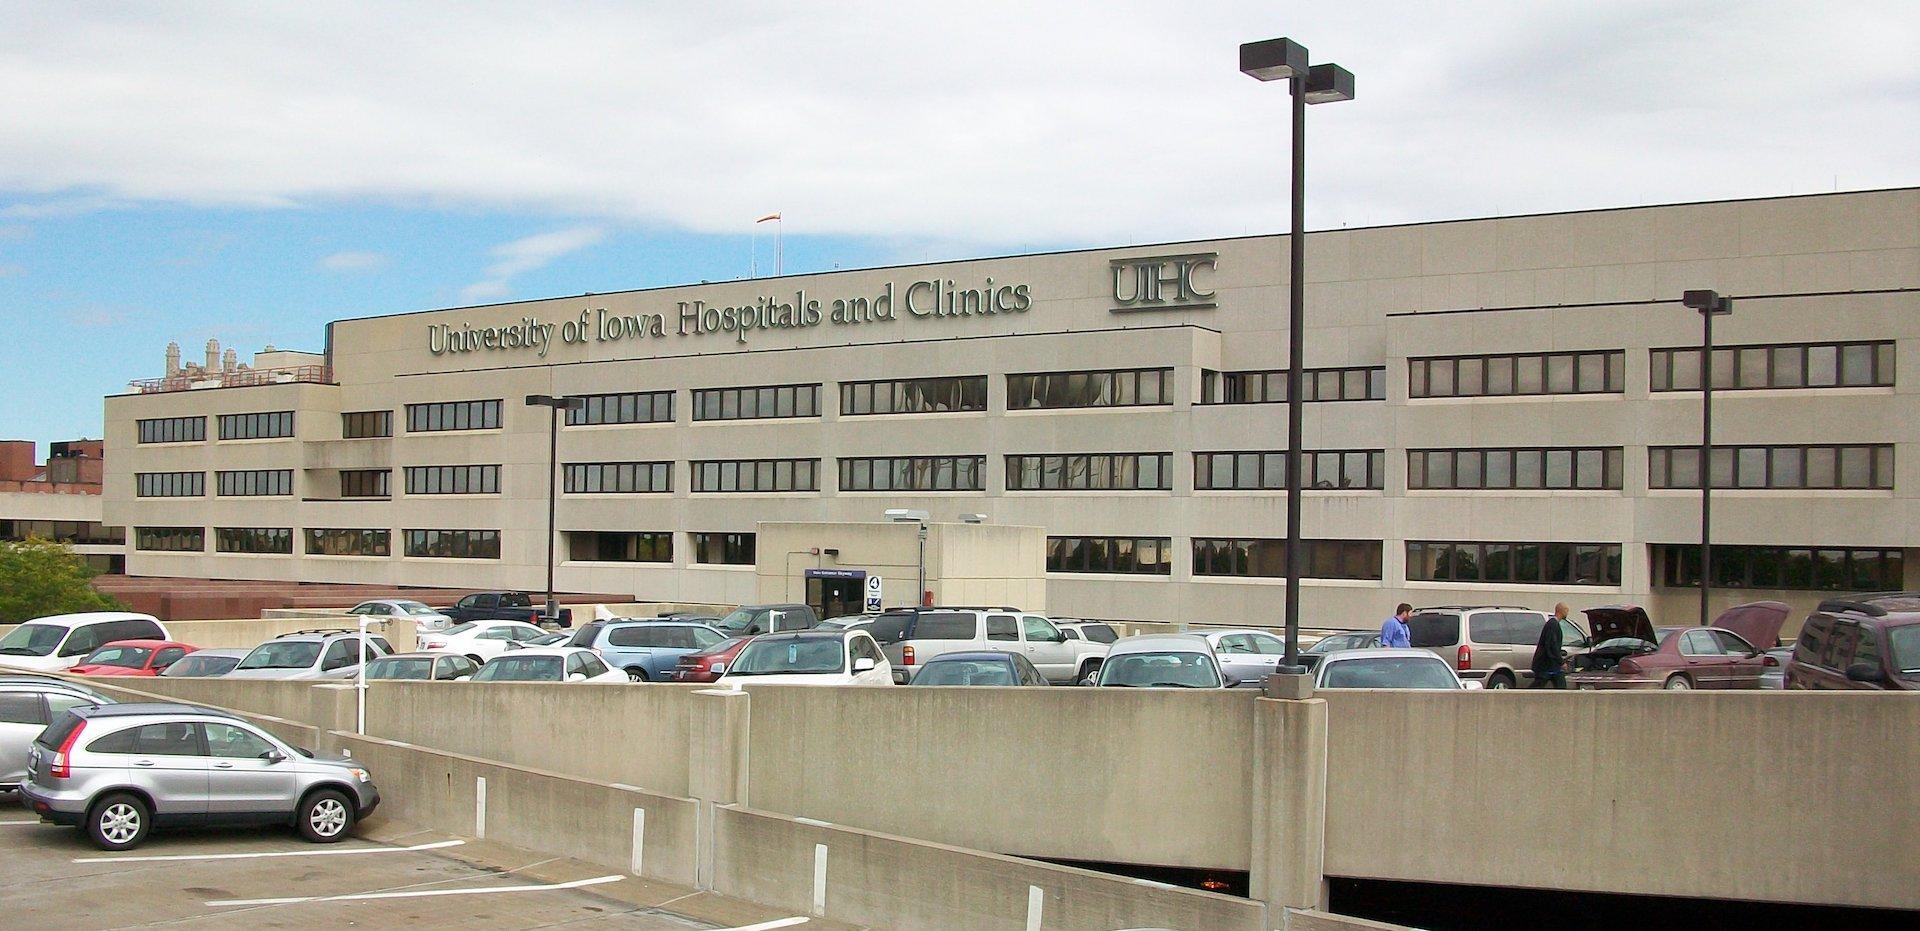 University of Iowa Hospitals and Clinics